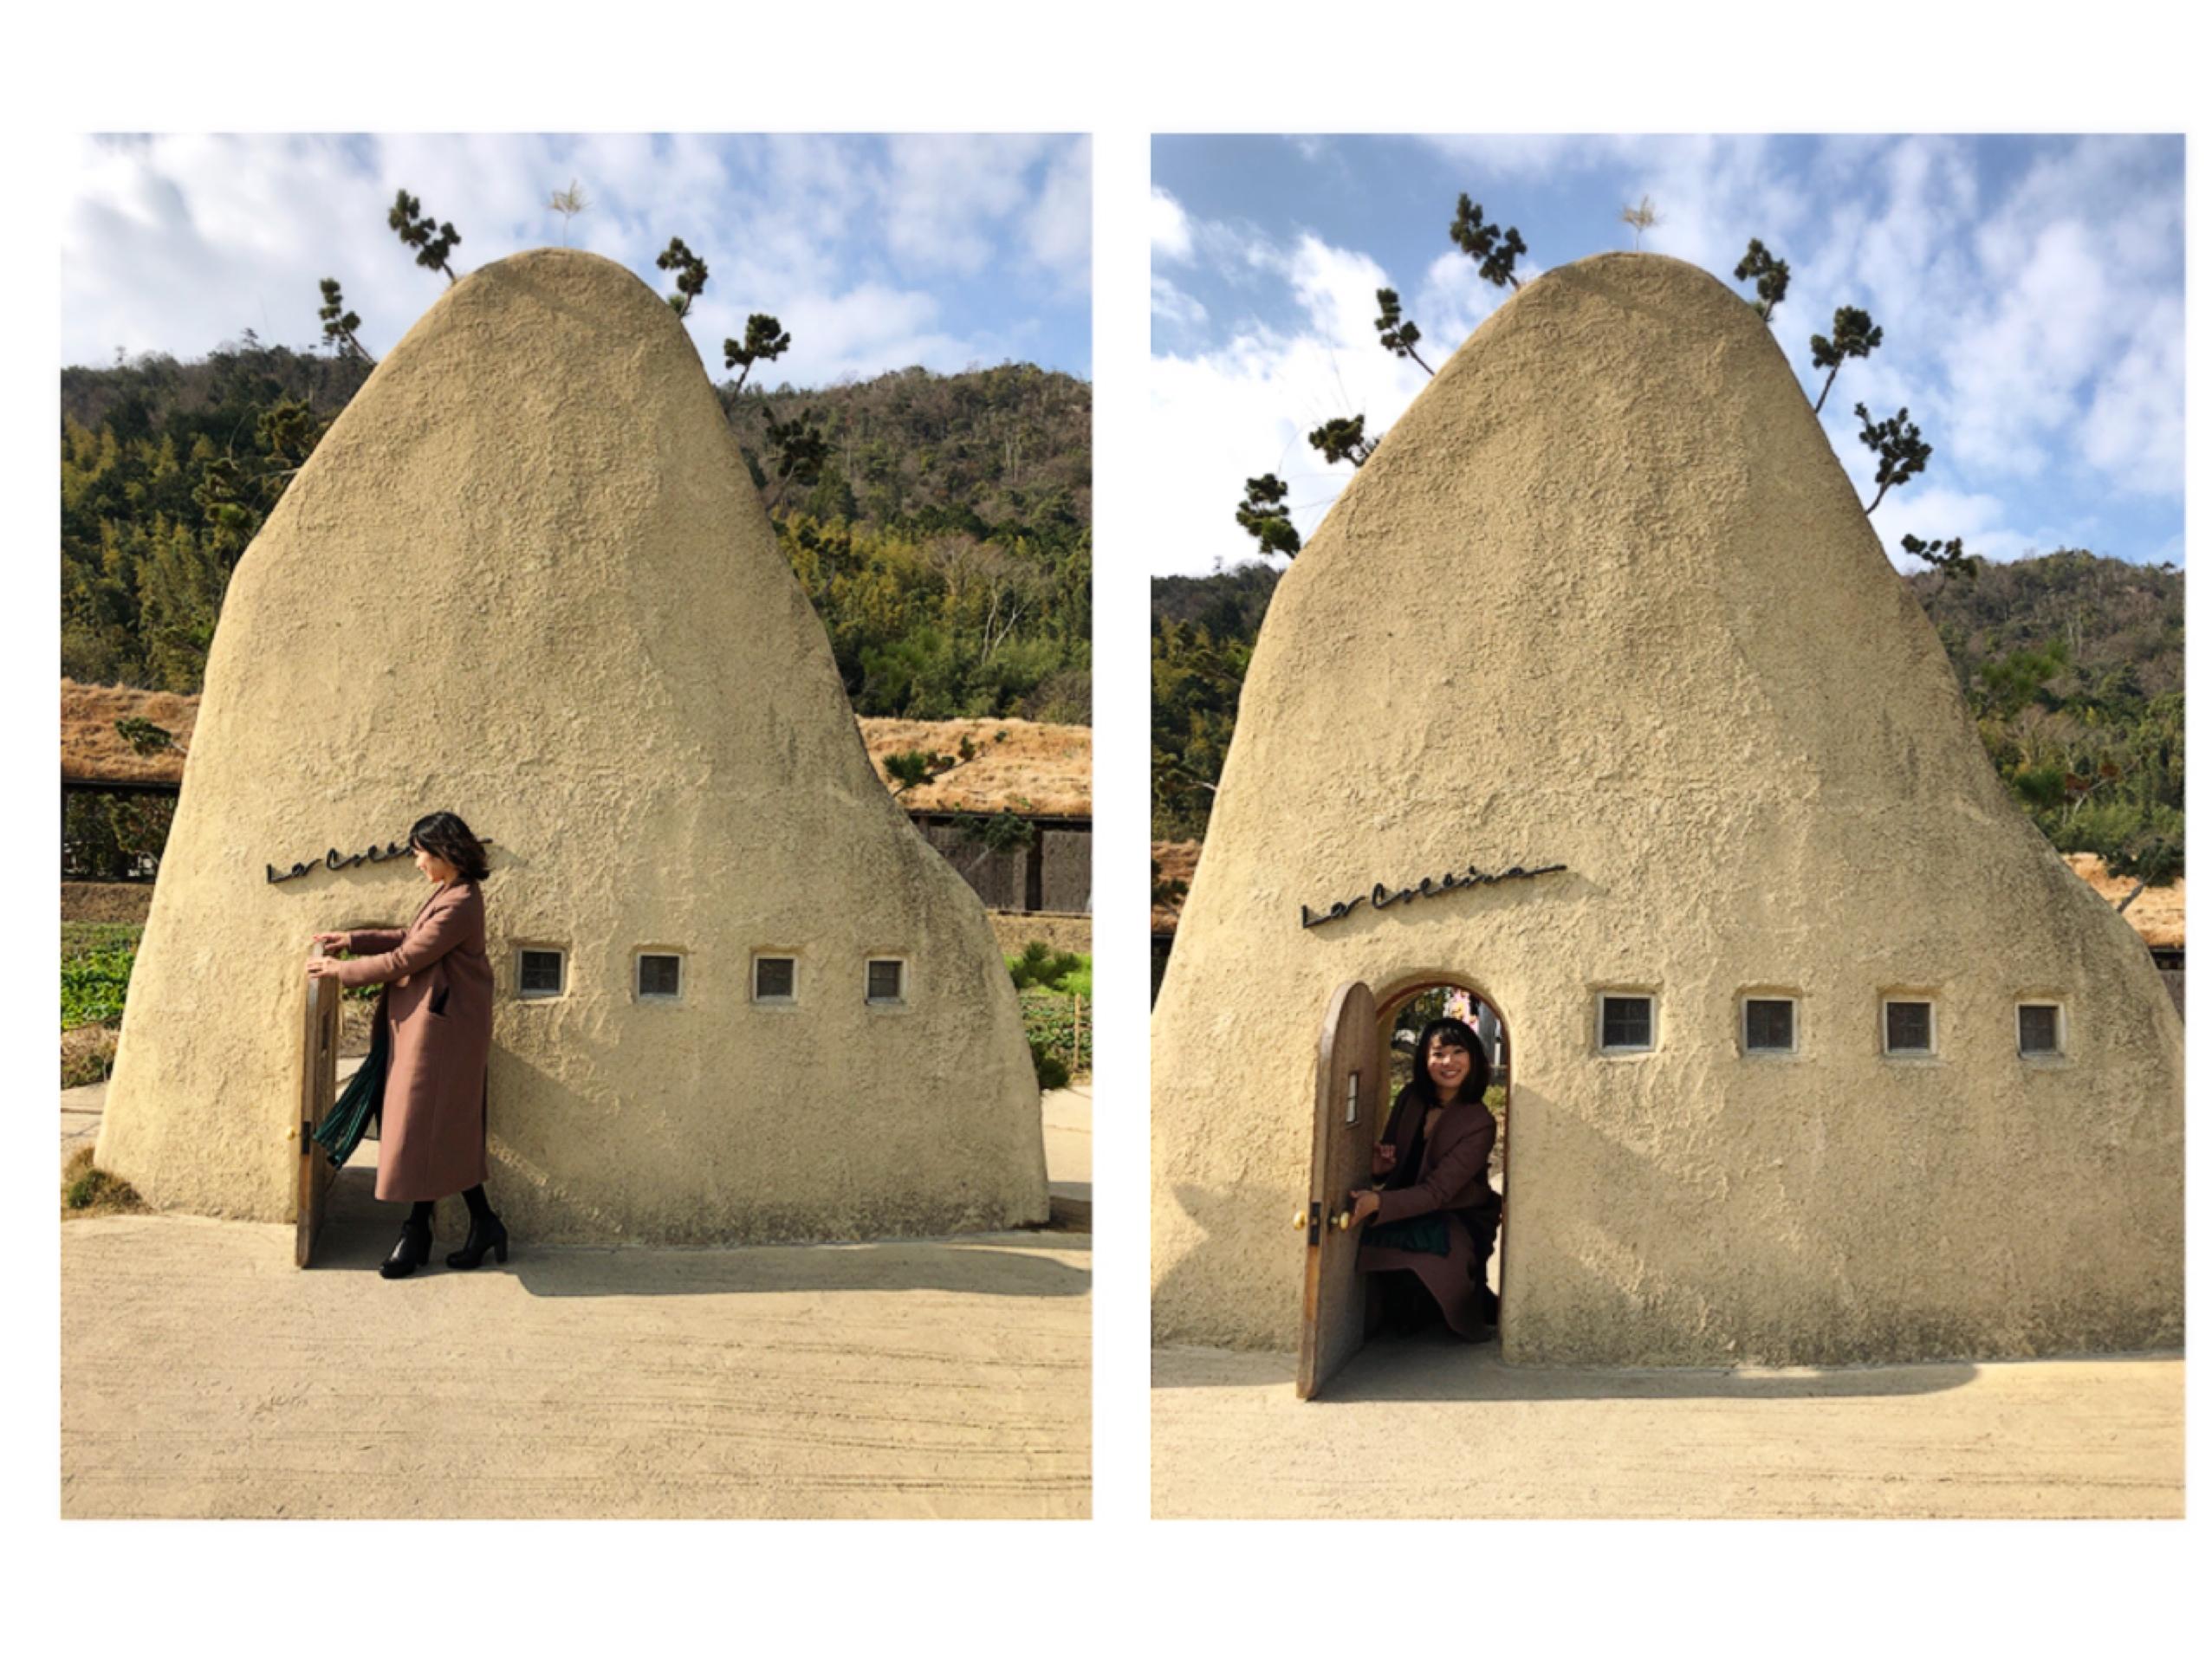 【#滋賀】《NEW YEAR ver.》CLUB HARIE♡ジブリ作品のような外観&壁画アートが魅力のラコリーナに行ってきました!_2